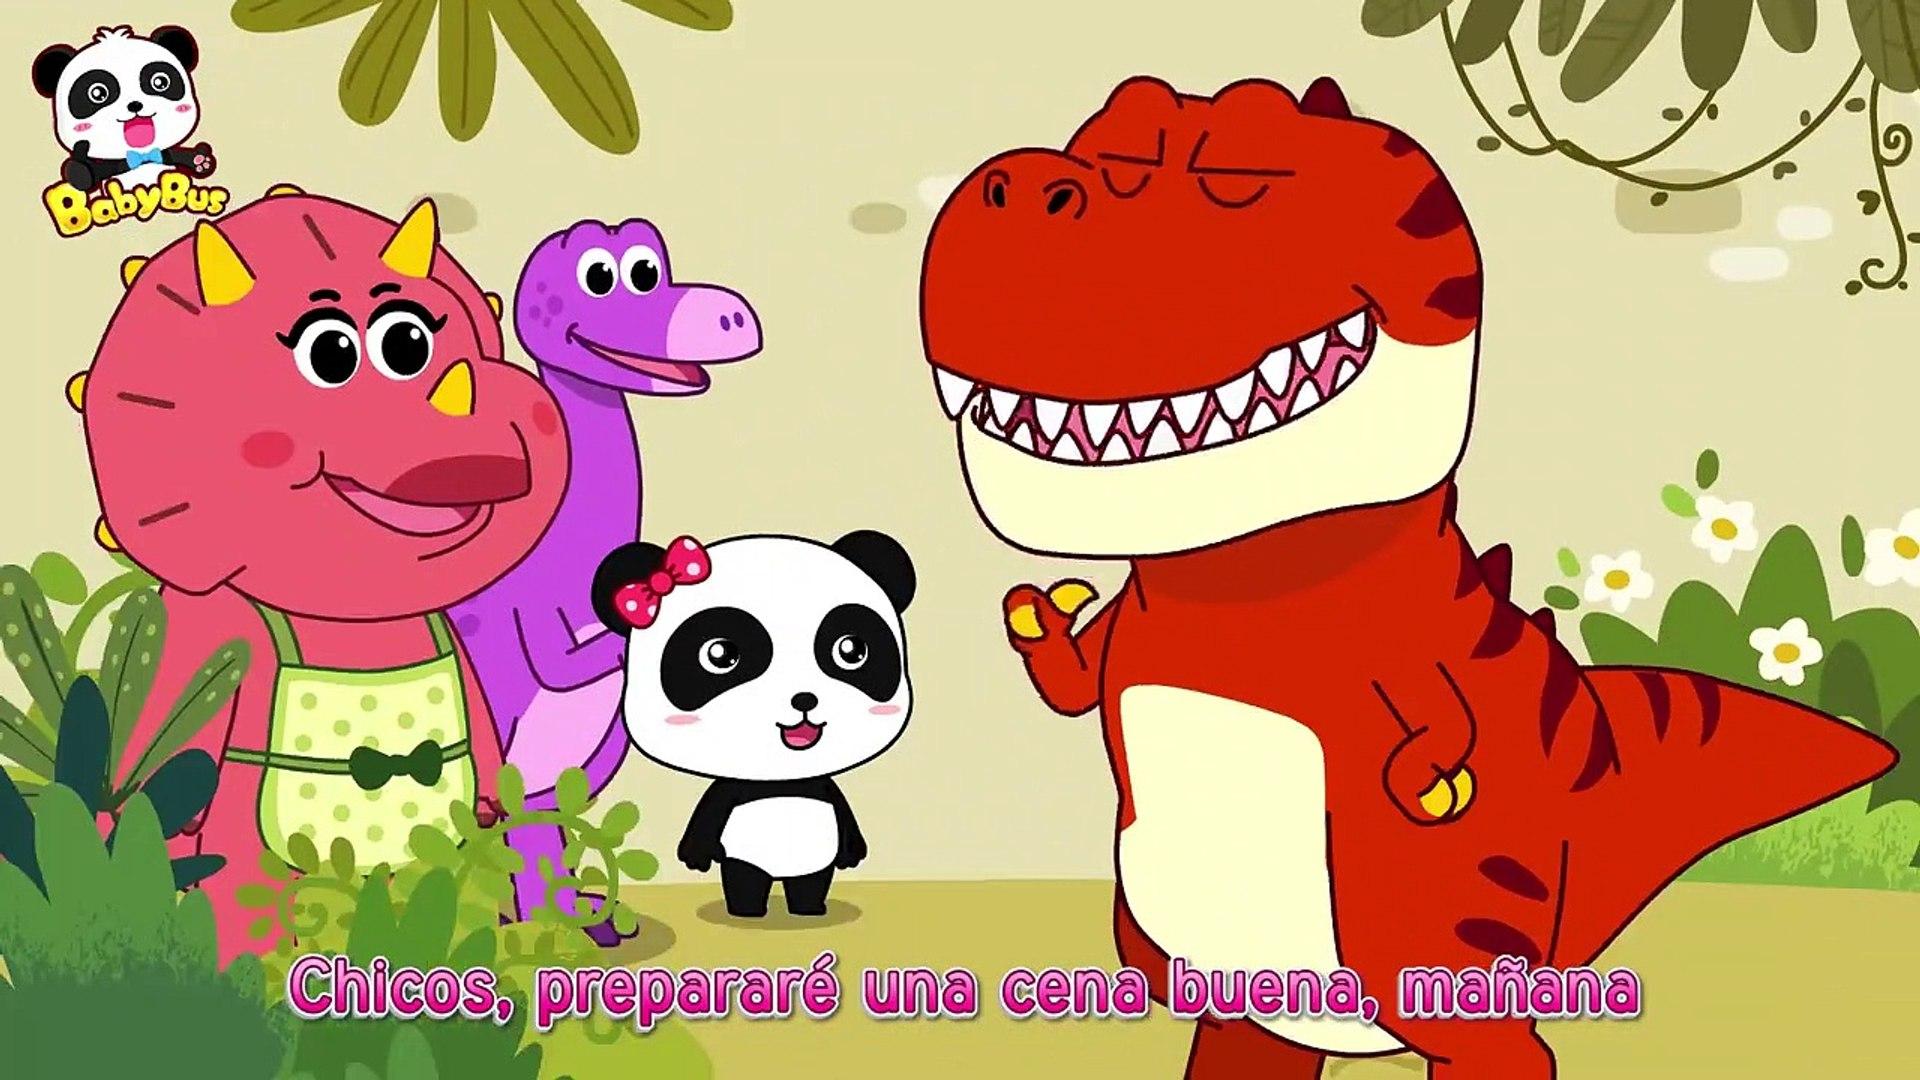 La Cena De Dinosaurio Canciones Infantiles Dinosaurios Para Niños Babybus Español Vídeo Dailymotion